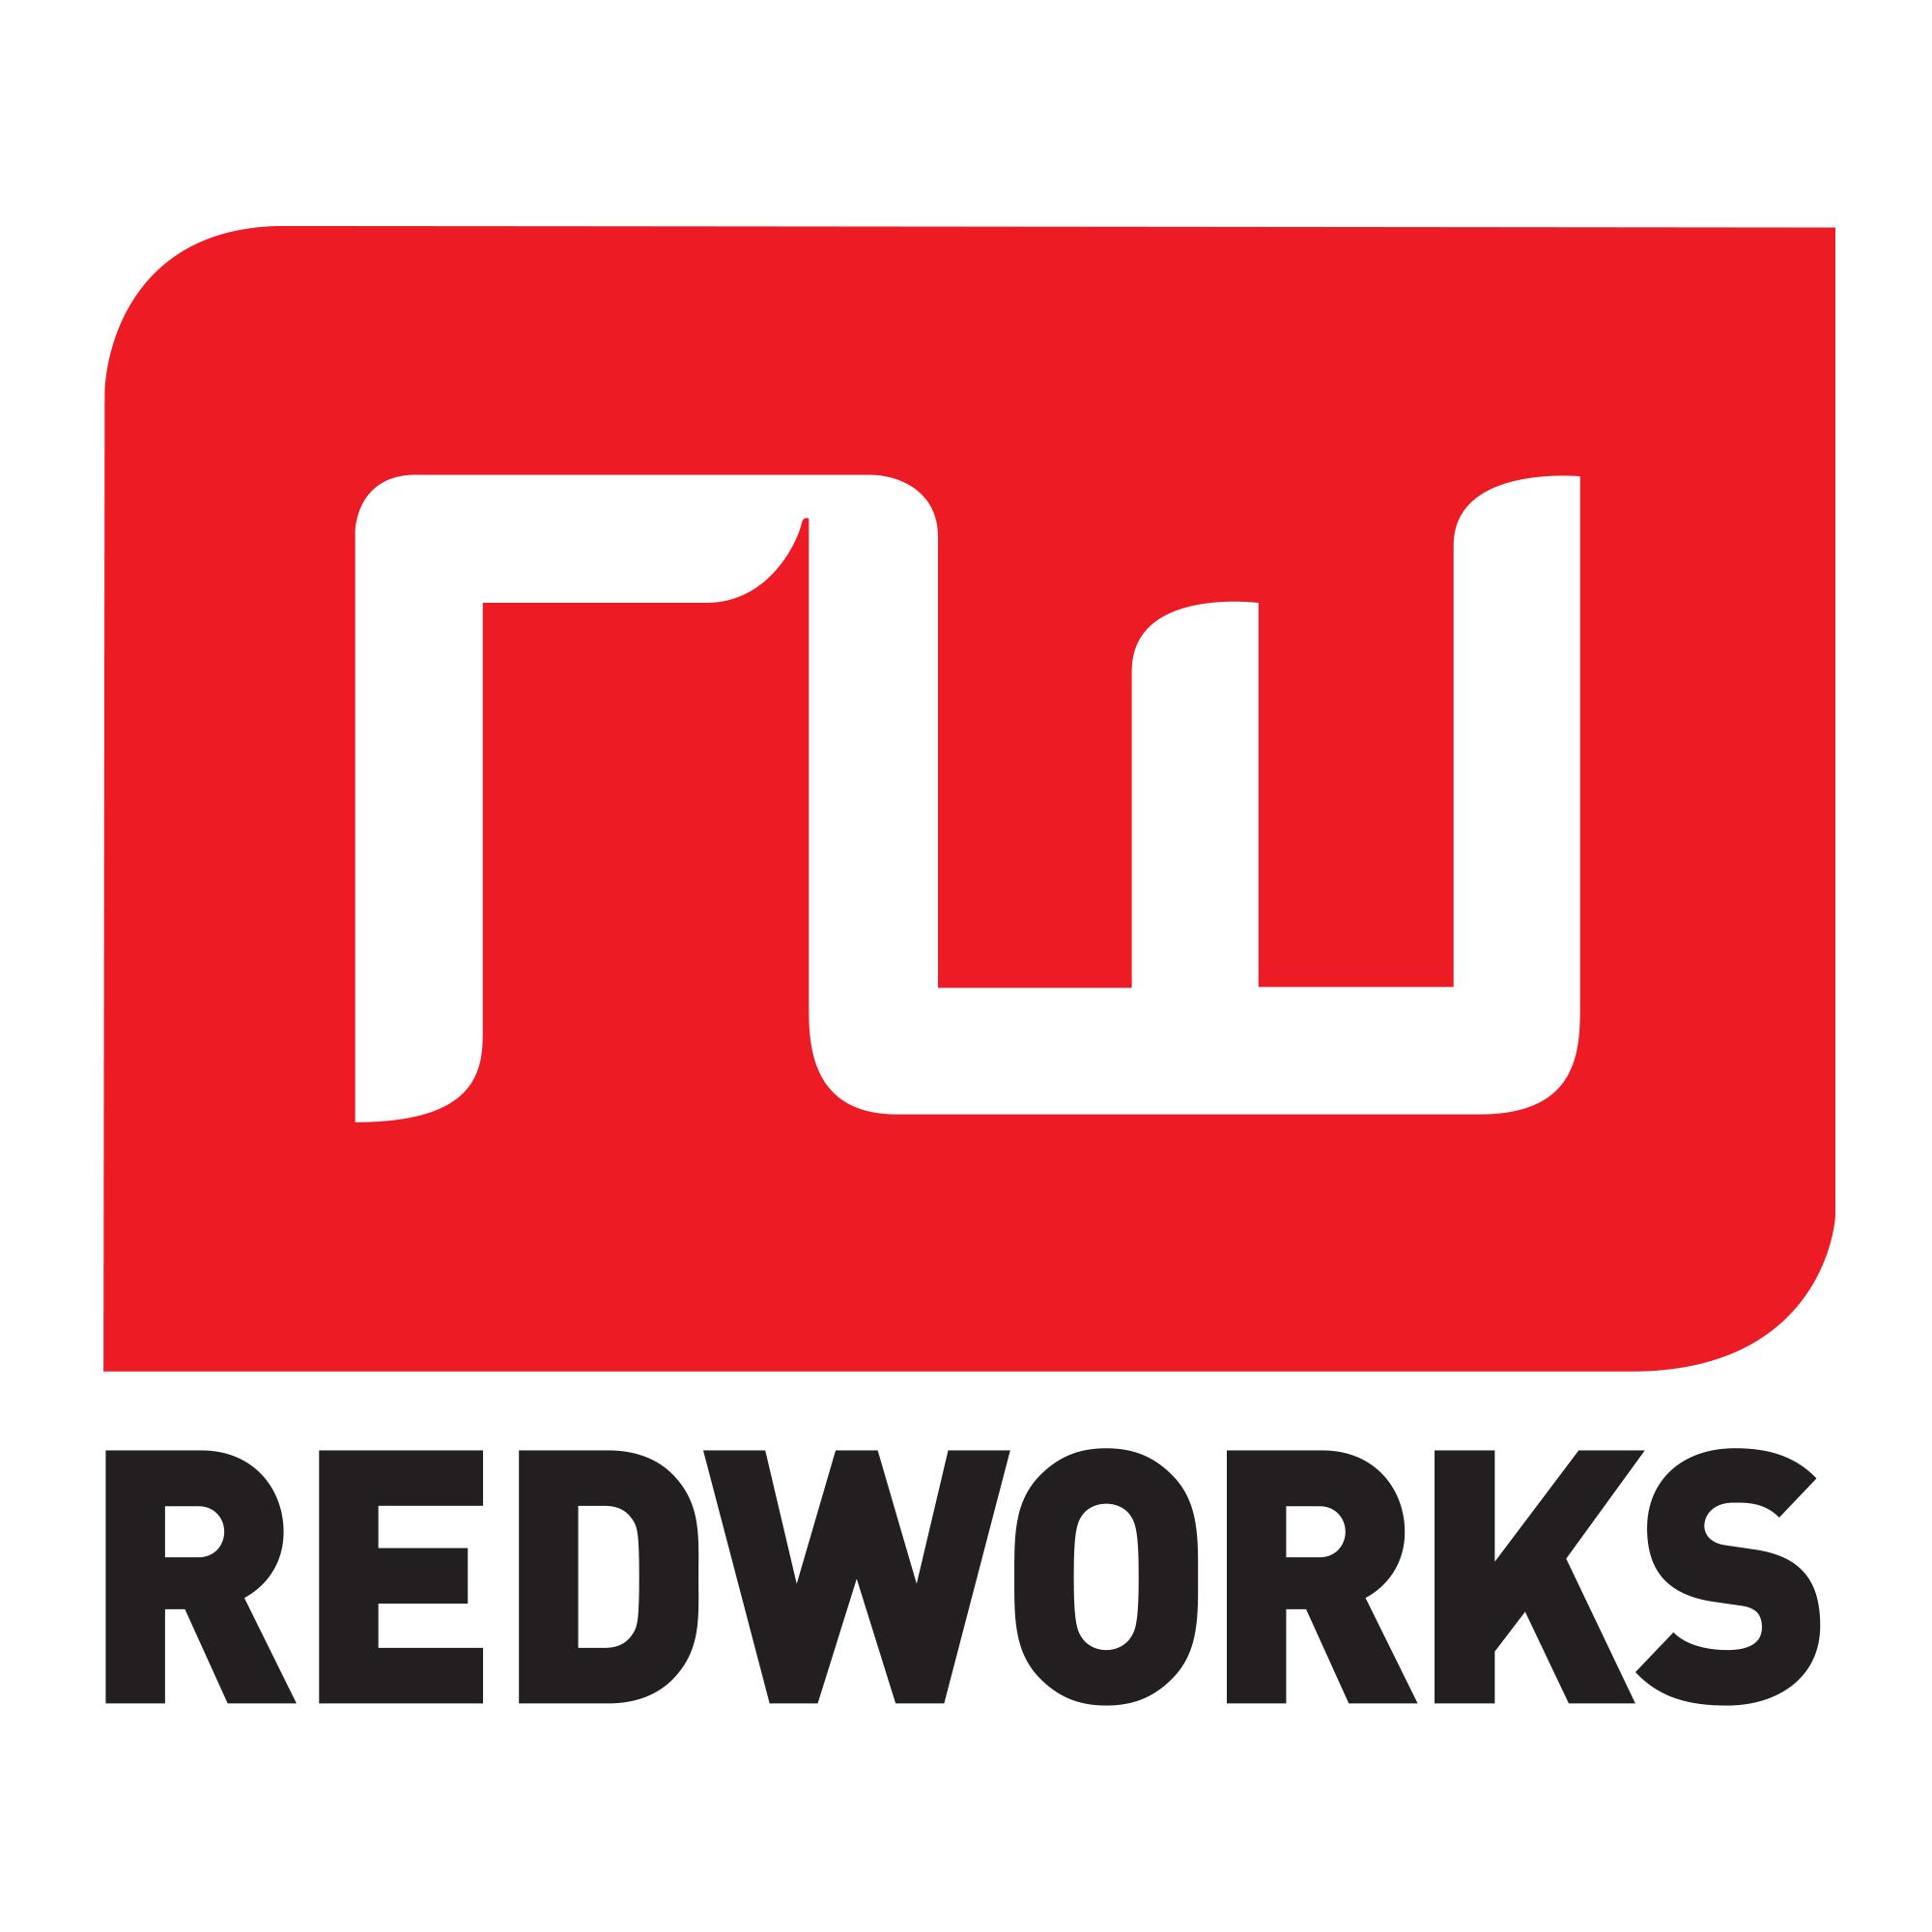 REDWORKS s.r.o. - Ogilvy